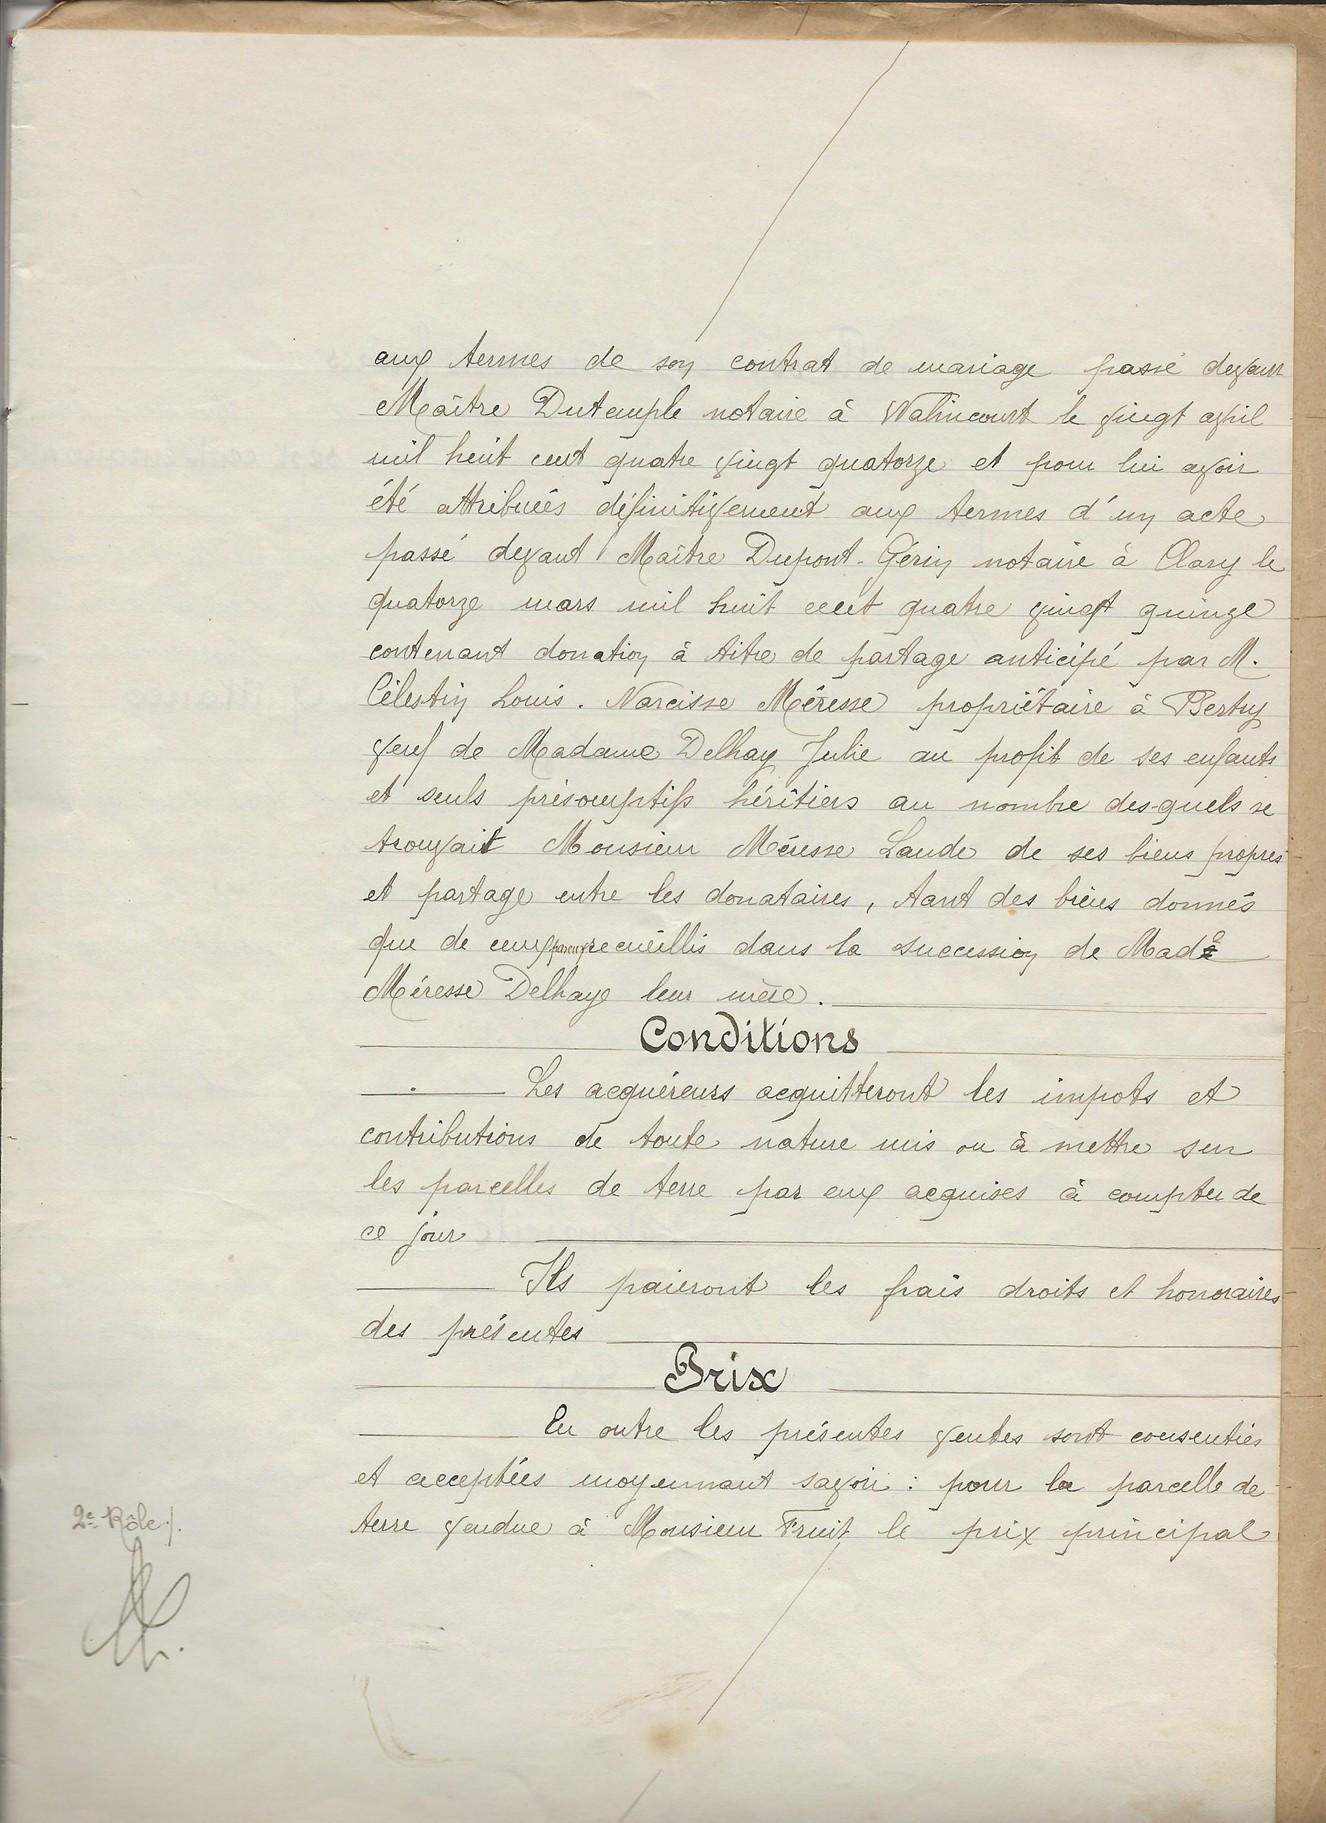 1920 vente meresse x laude a fruit wanecq 003